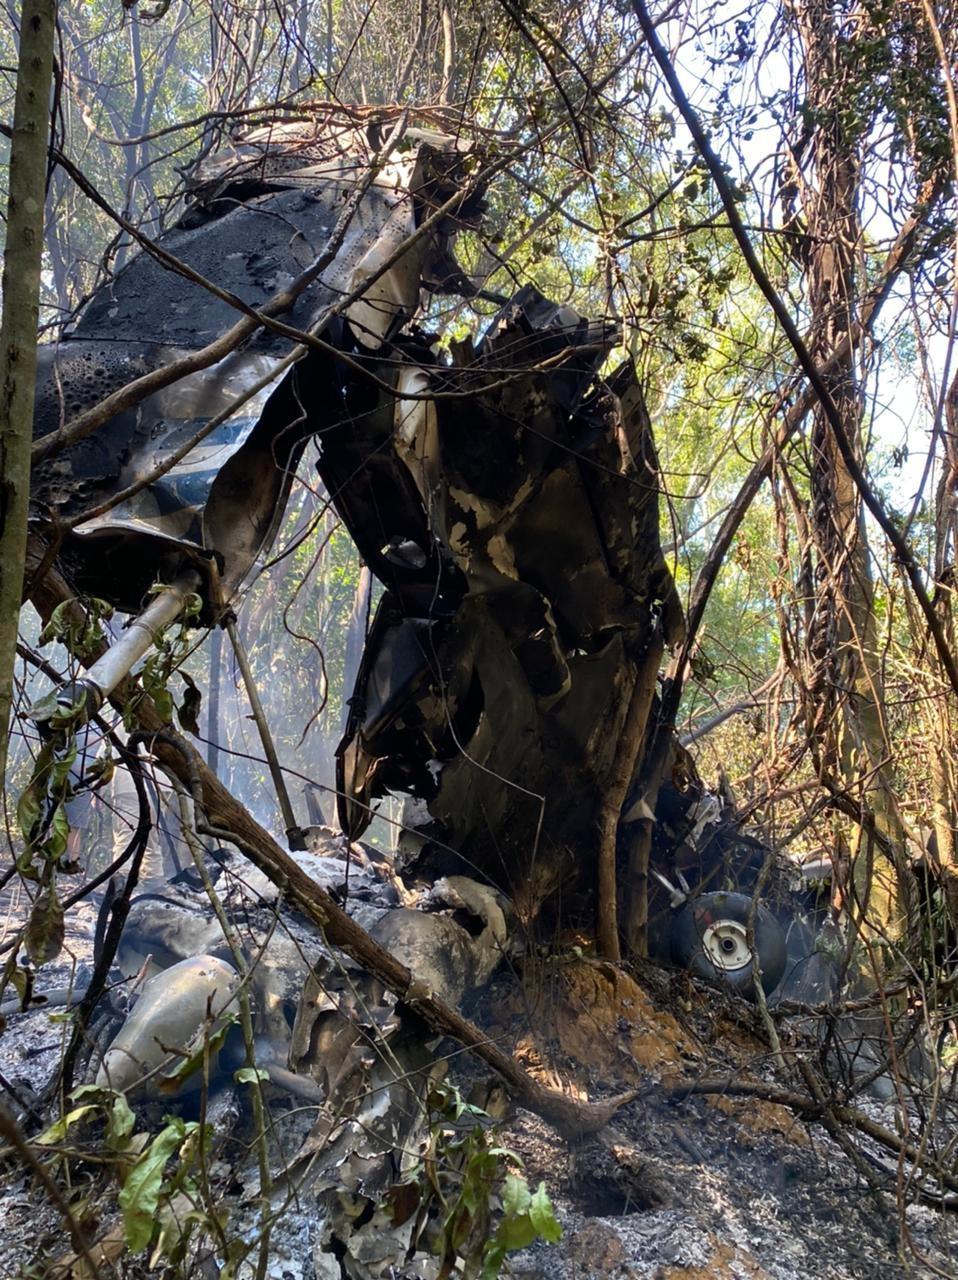 Piloto ferido em queda de avião em Guarapari, ES, recebe alta